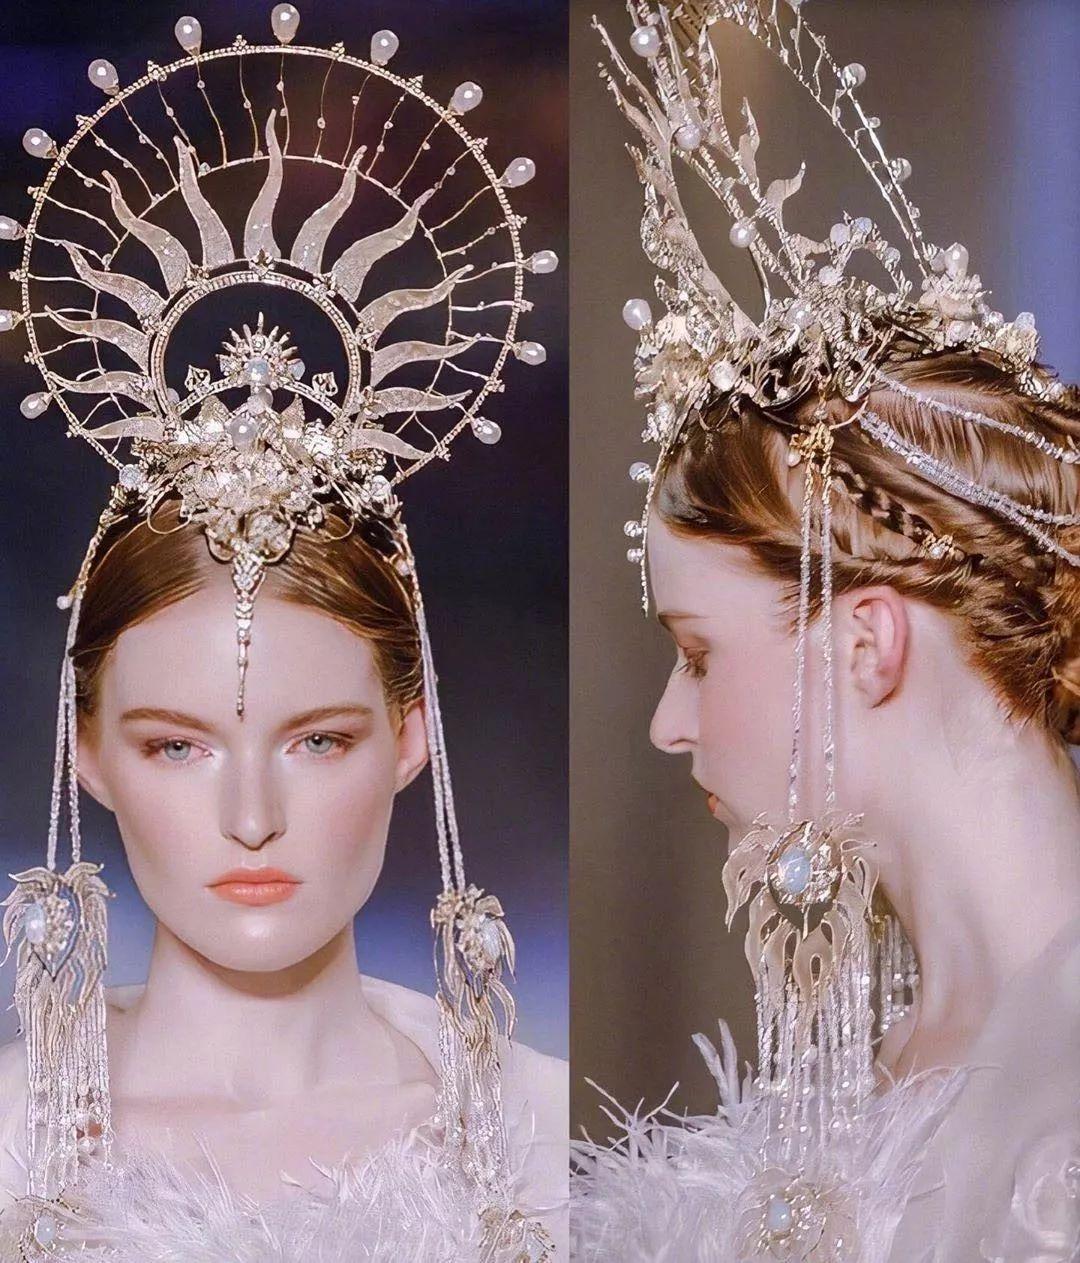 穿在身上的燦爛文化瑰寶:模特穿著敦煌壁畫元素的高定時裝